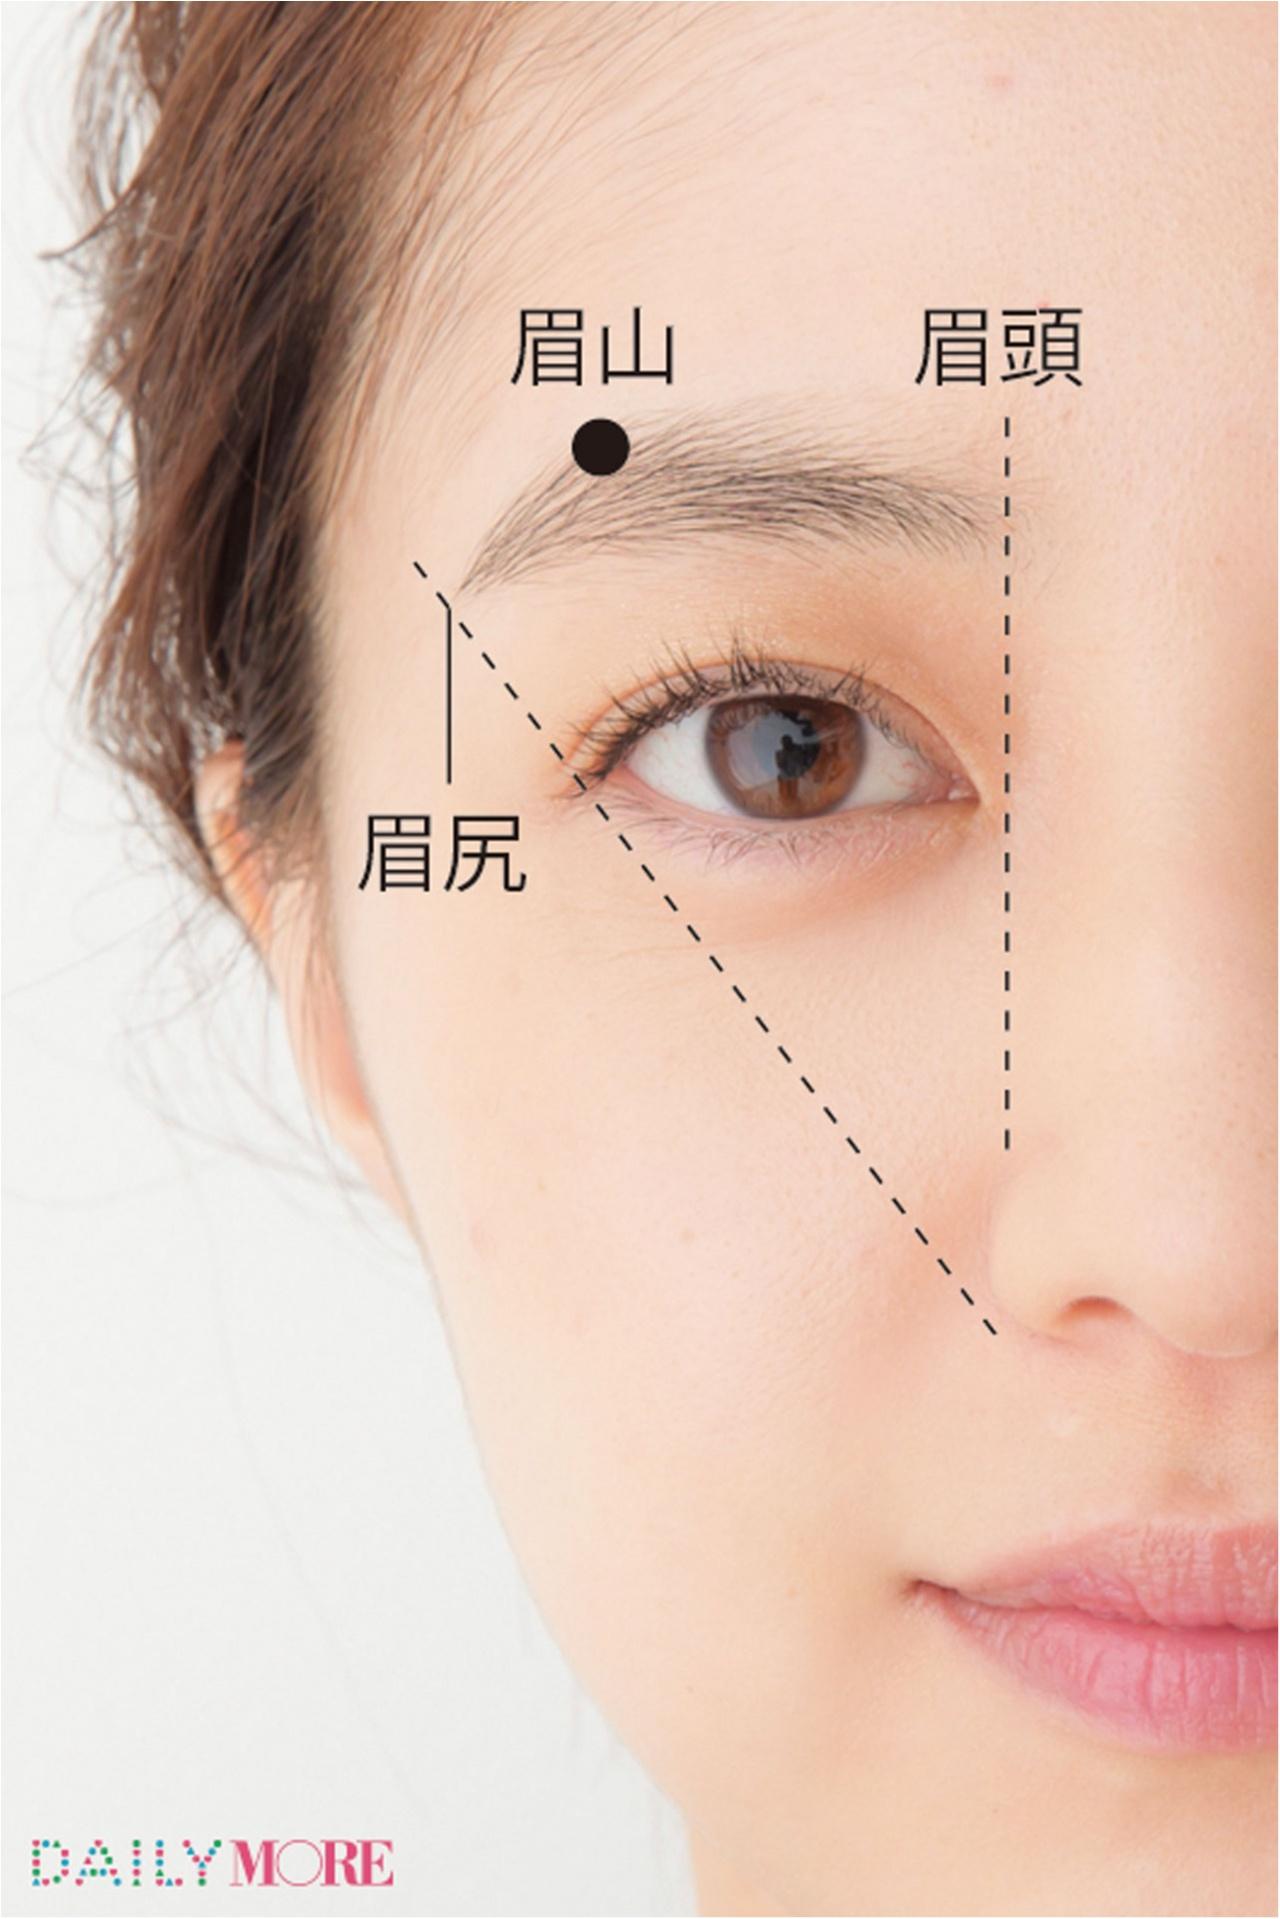 眉毛特集 - 世界一正しい眉の描き方 | アイブロウの描き方、メイクのプロセスやテクニックまとめ_21